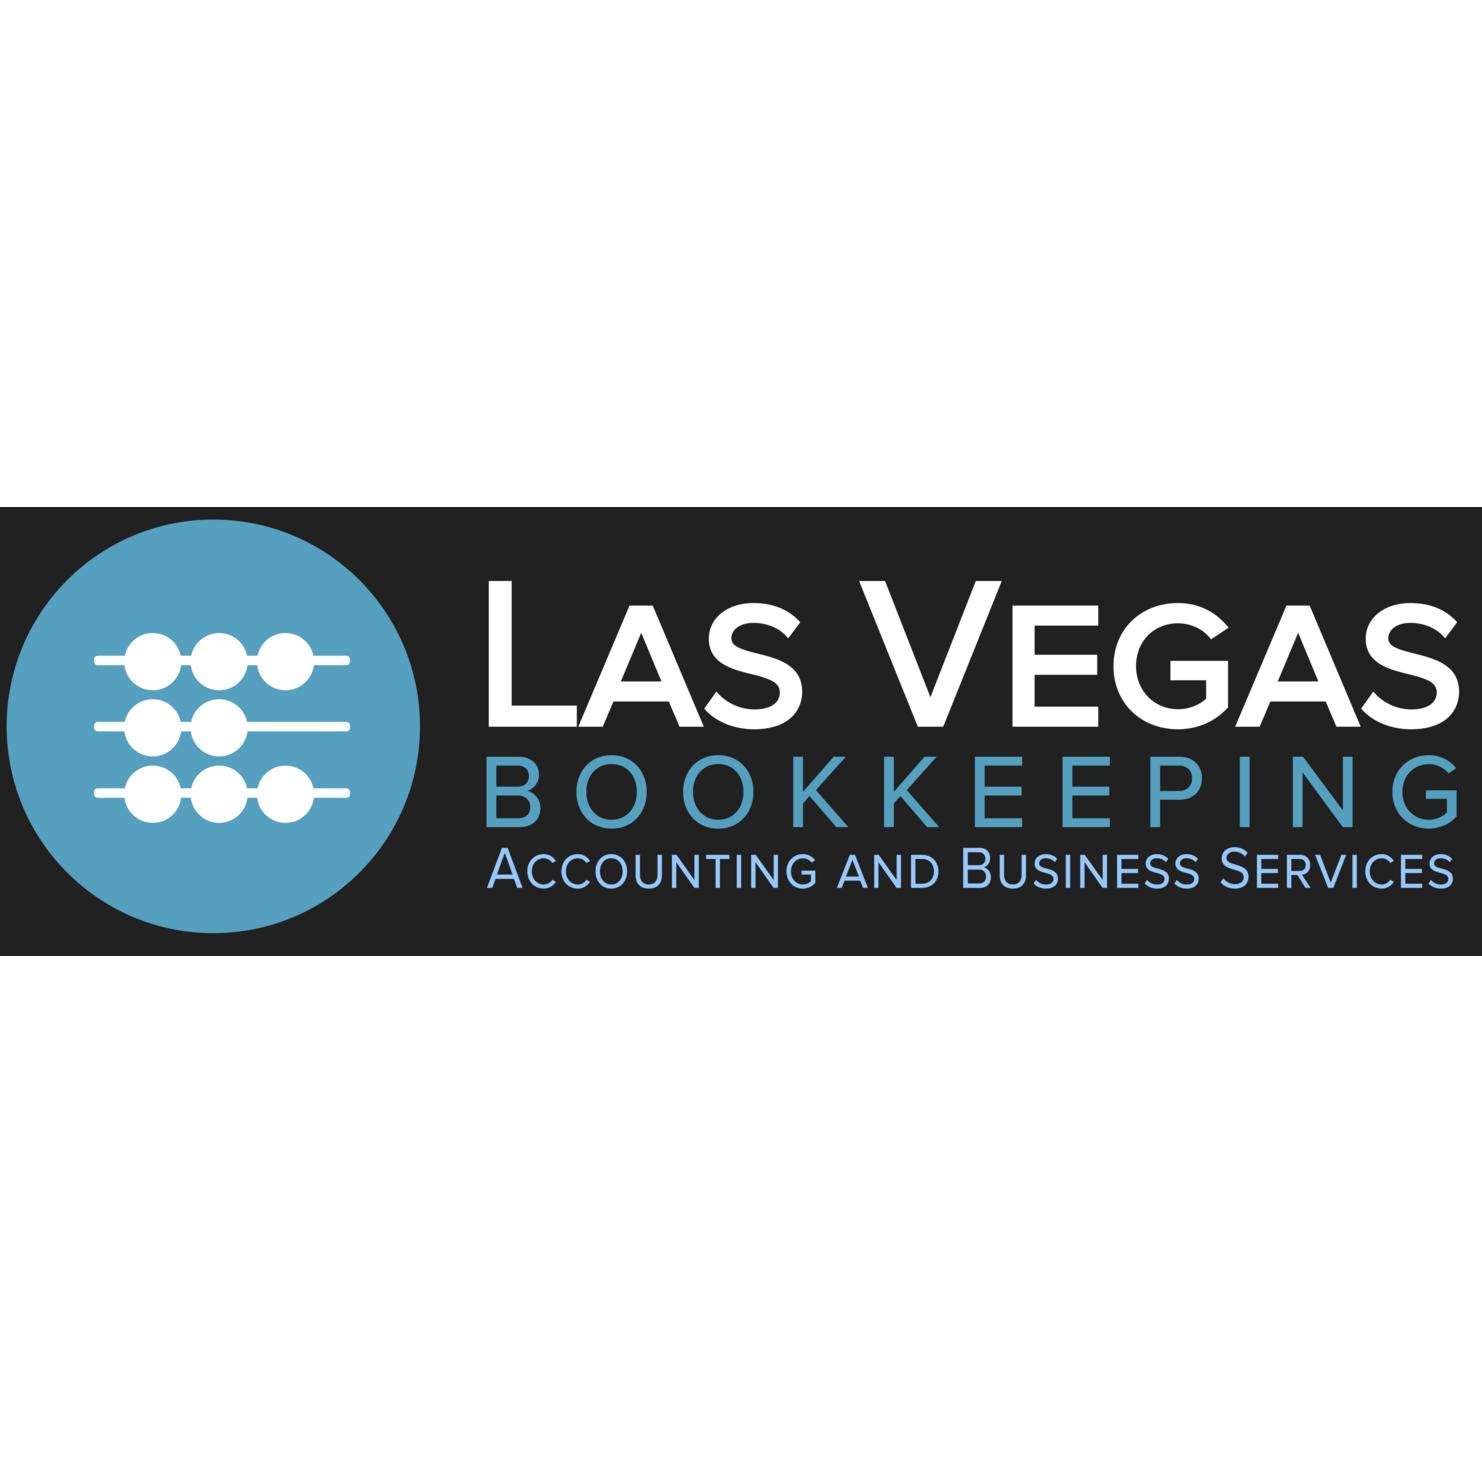 Las Vegas Bookkeeping